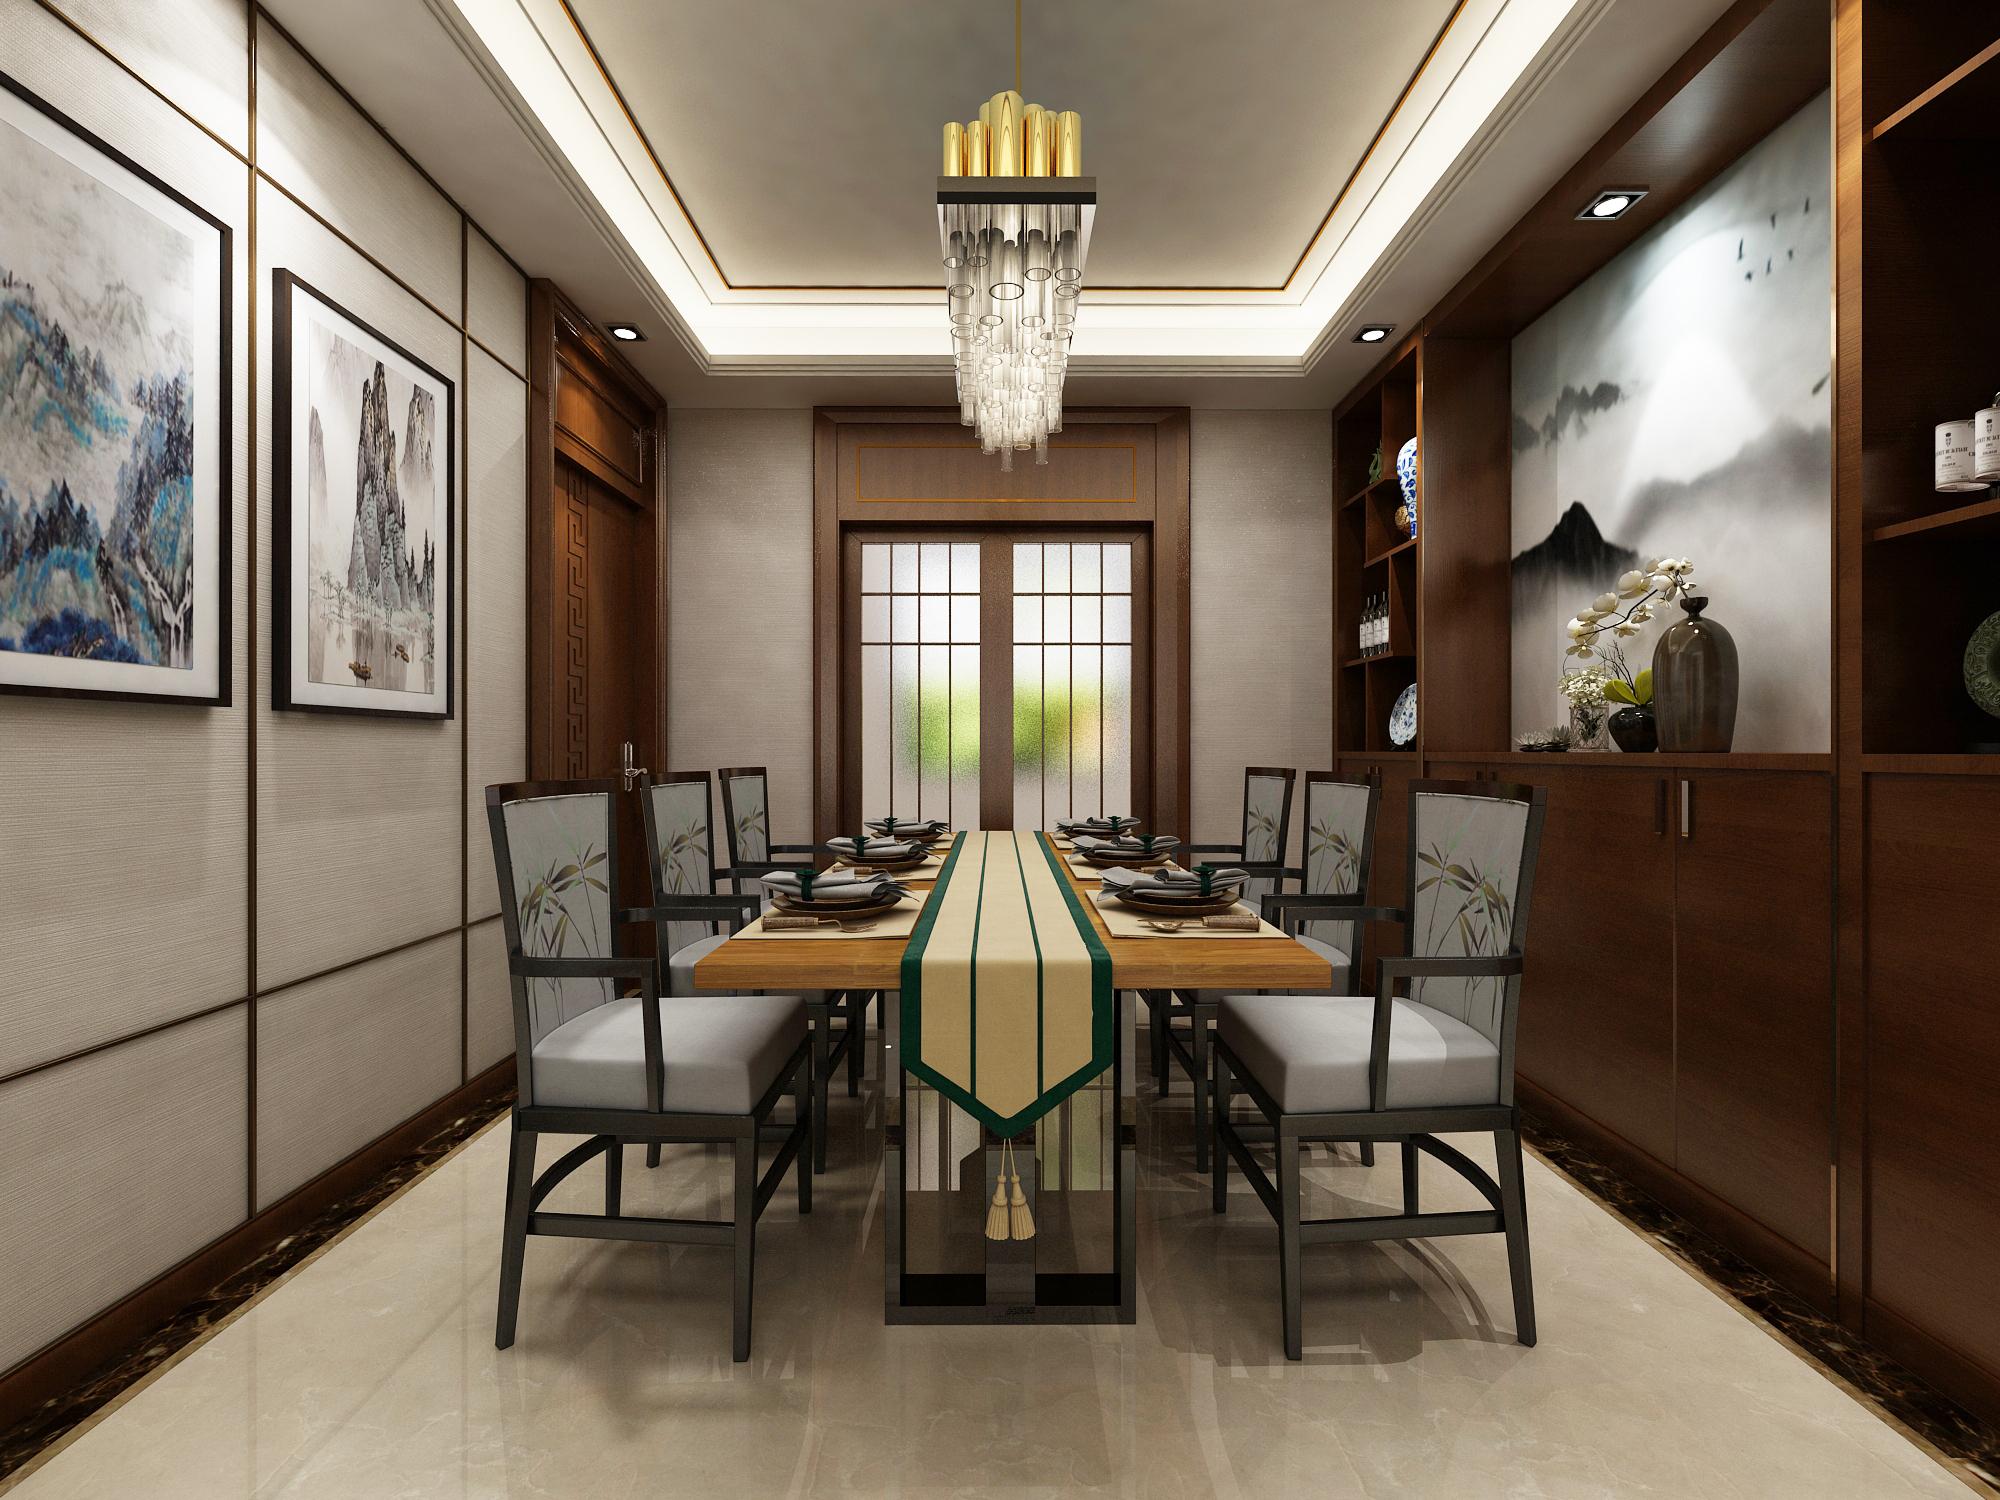 客厅去掉了复杂的中式背景墙,采用明亮大气石材和水墨画结合的形式.